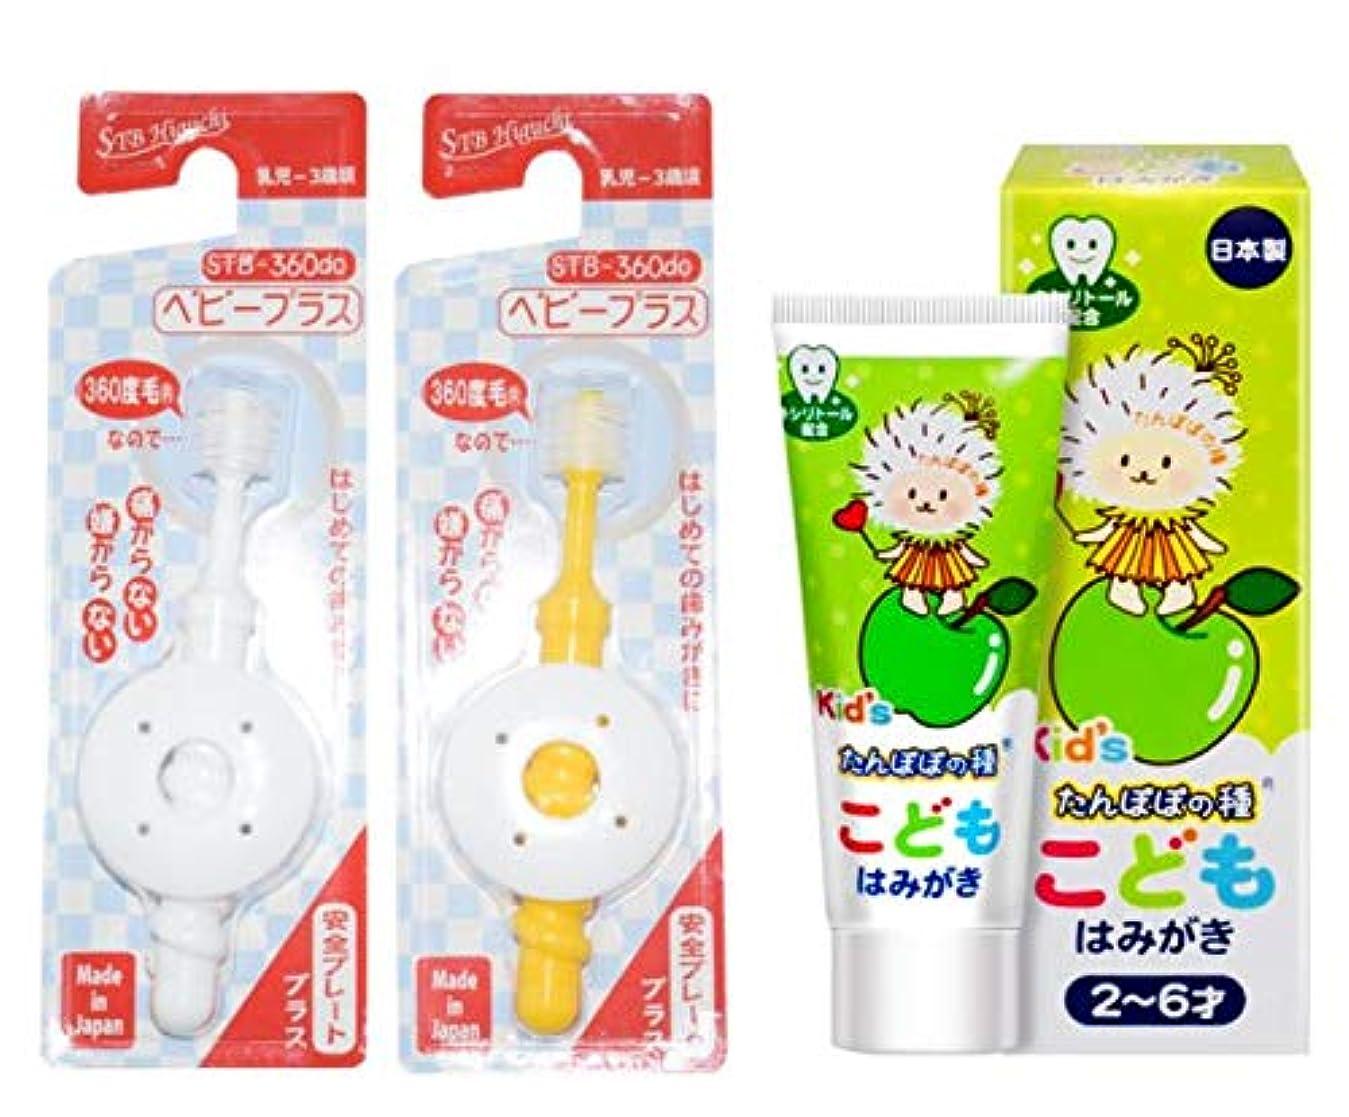 区別謎めいた半円たんぽぽの種 こどもはみがき 子供用歯磨き粉 STB-360do ベビープラス 360度歯ブラシ 2本セット